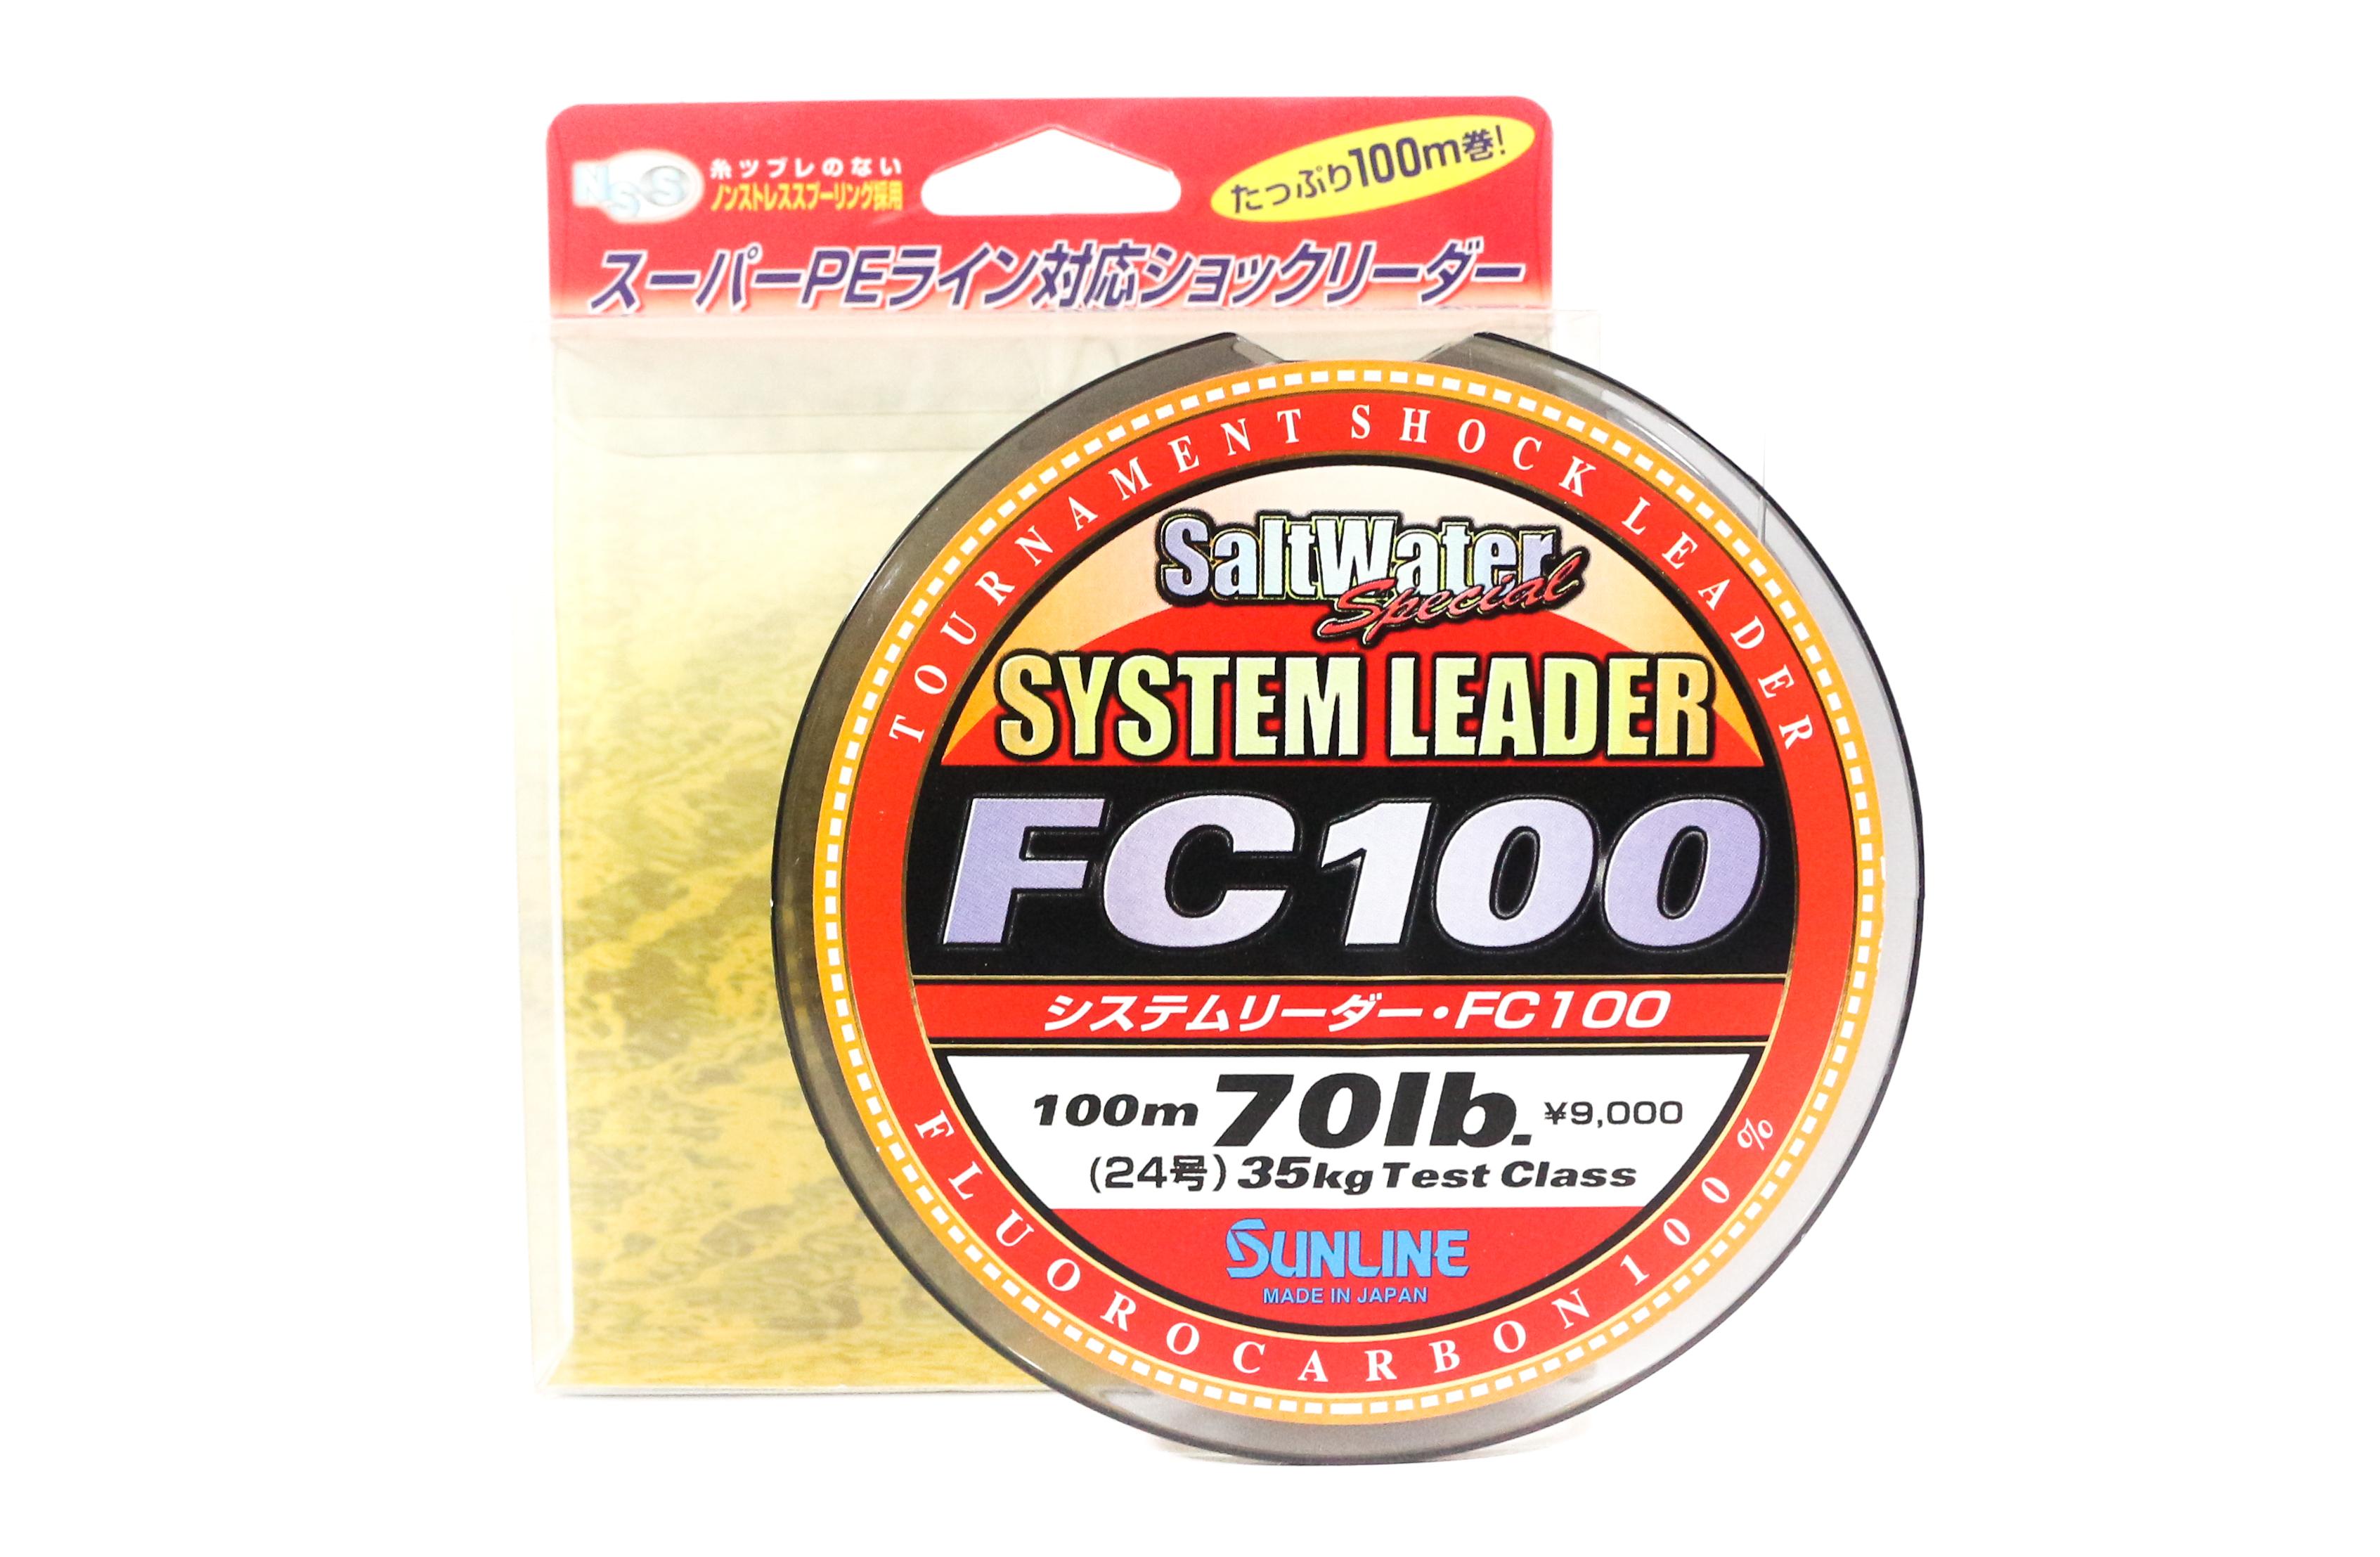 Sunline System 100 Fluorocarbon Shock Leader Line 100m 70lb (1918)